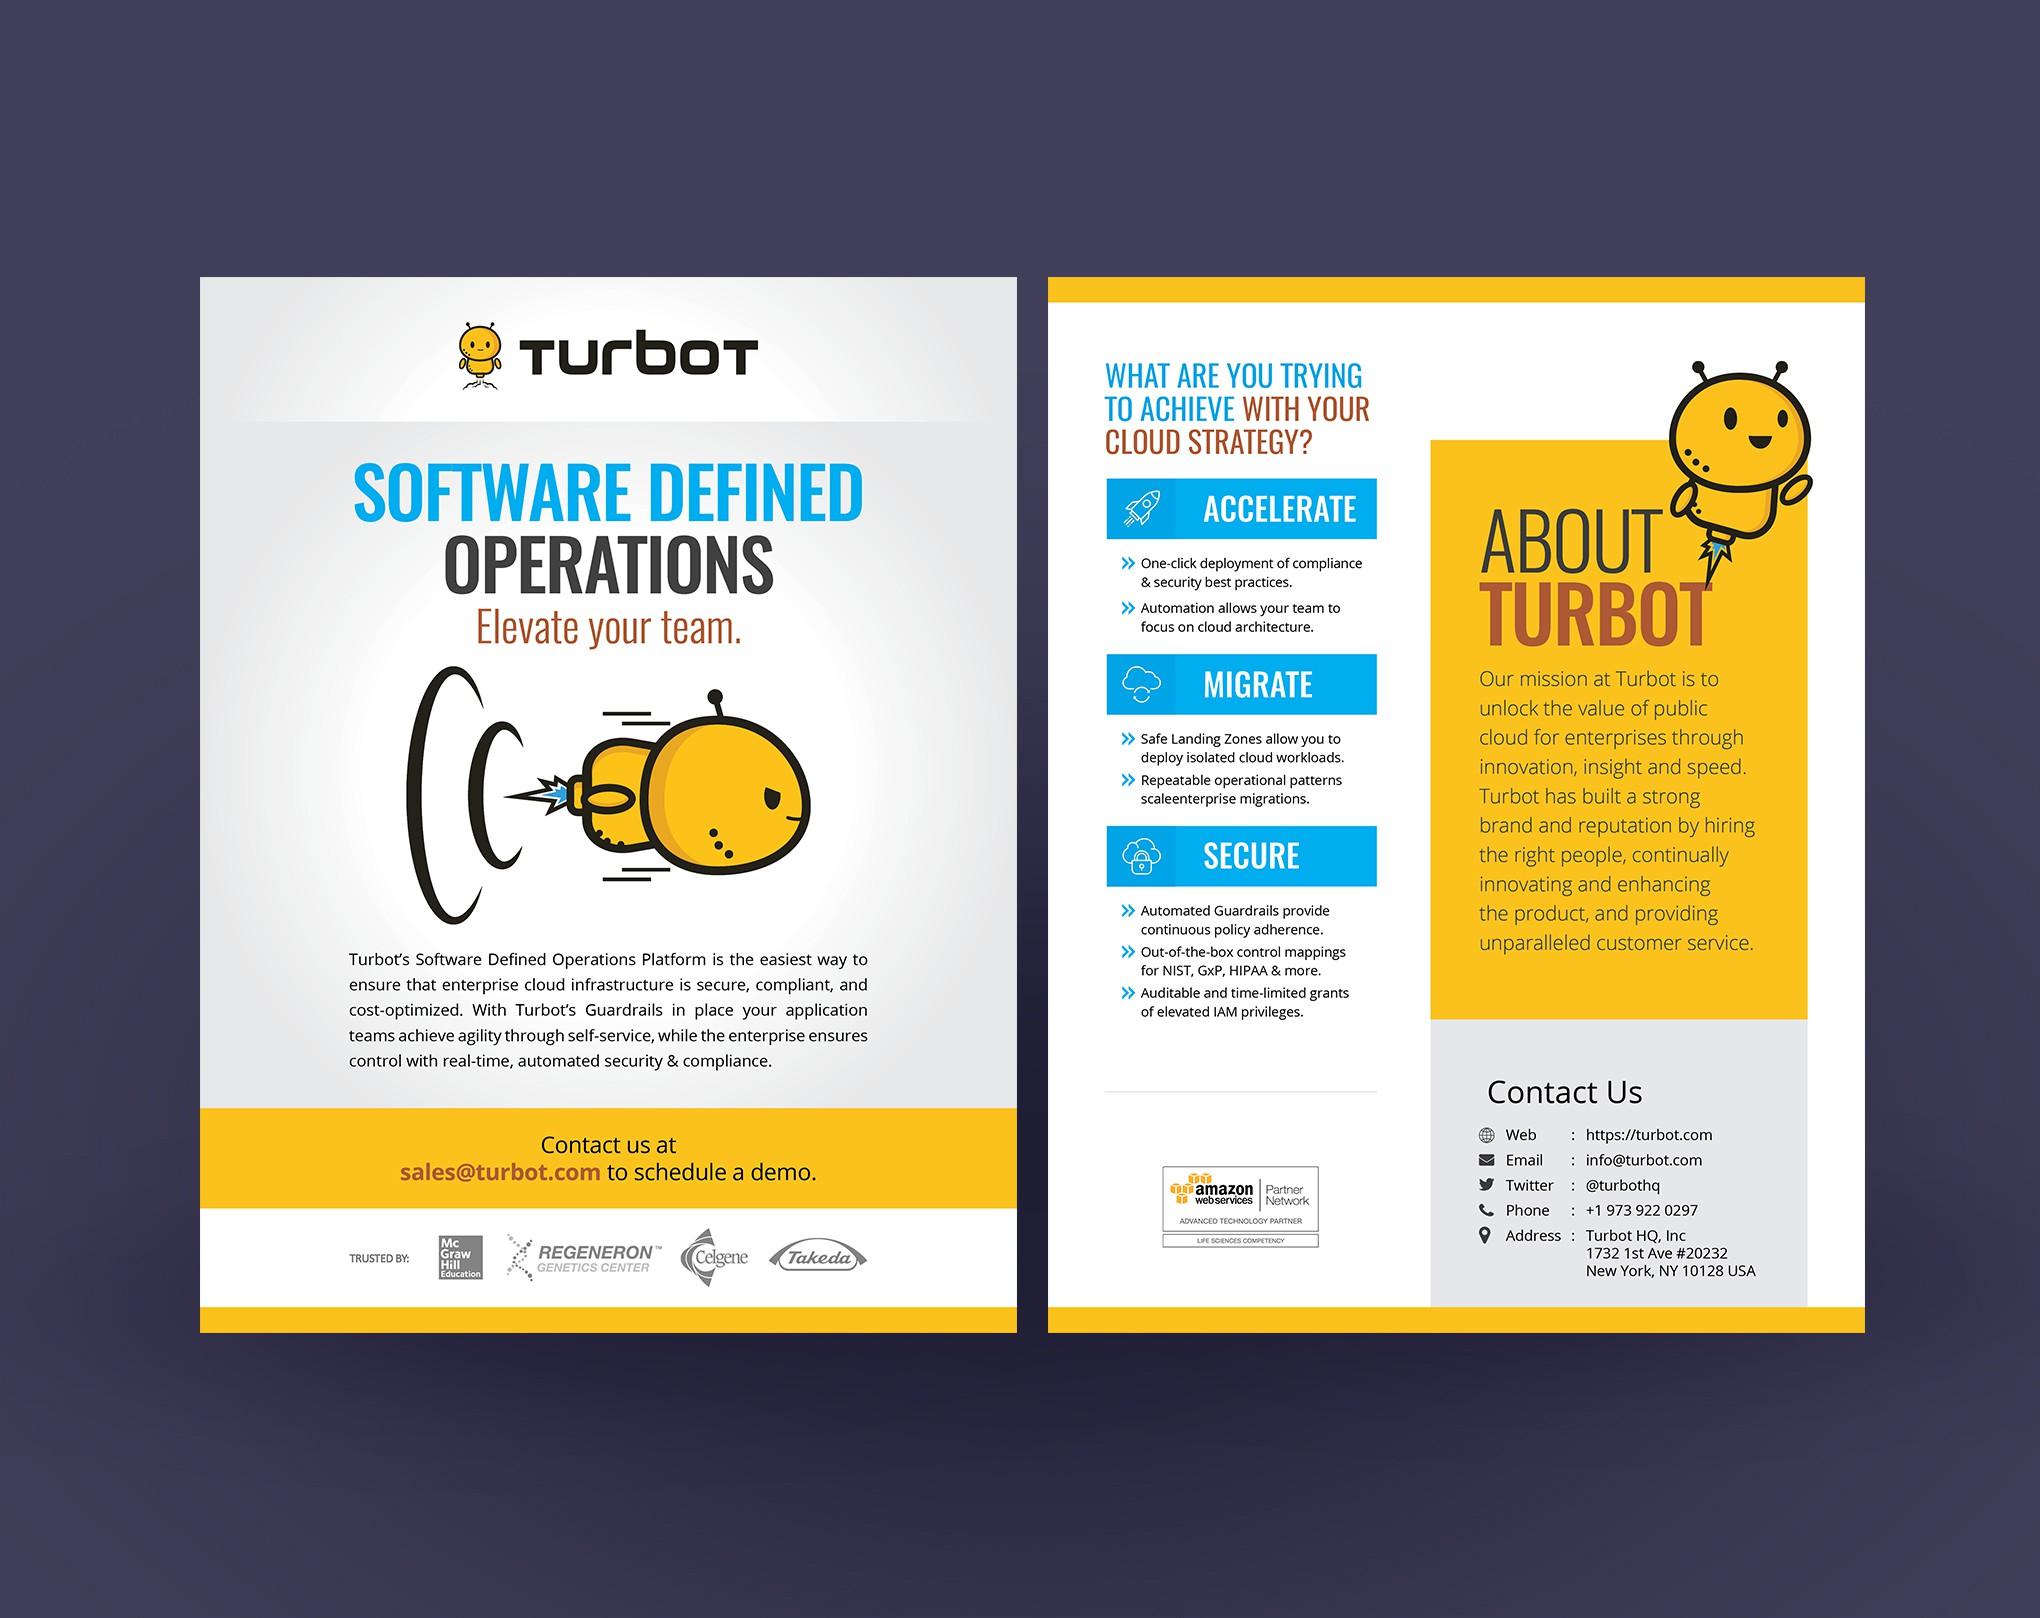 Fun software team needs a powerful design for handout!